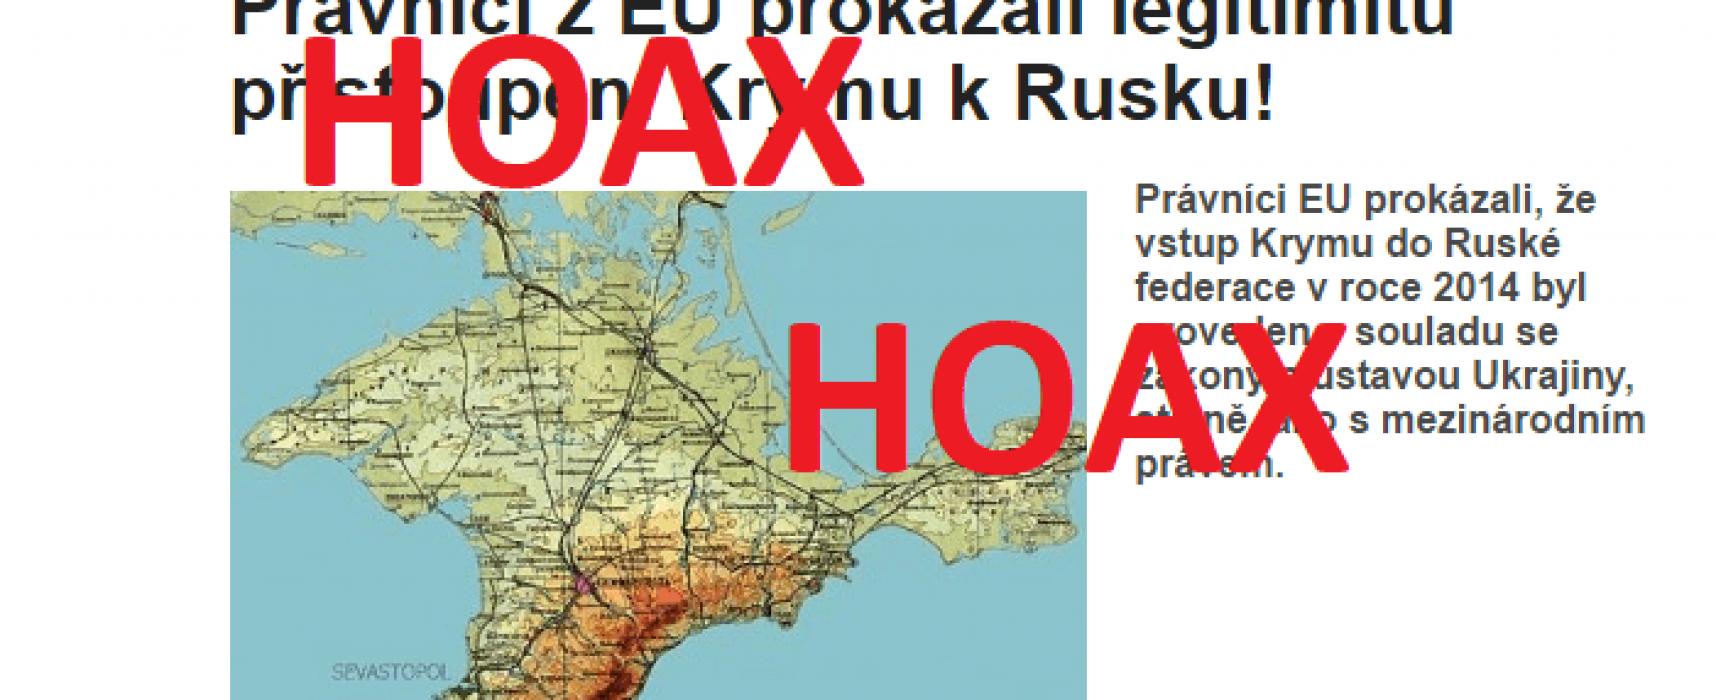 HOAX: Právníci EU prokázali, že vstup Krymu do Ruské federace v roce 2014 byl proveden v souladu se zákony